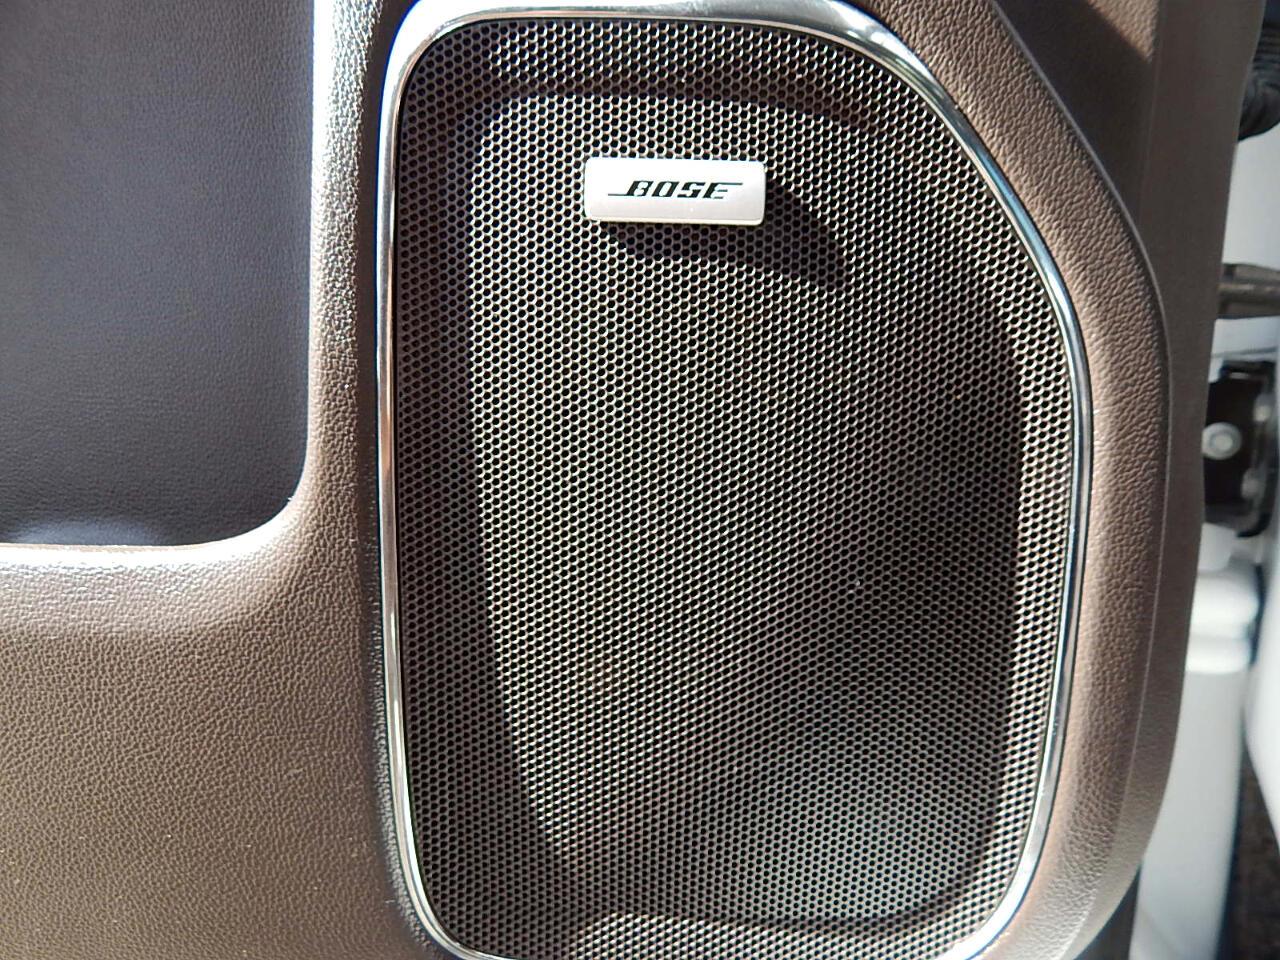 2016 Chevrolet Silverado 1500 LTZ Crew Cab 4WD